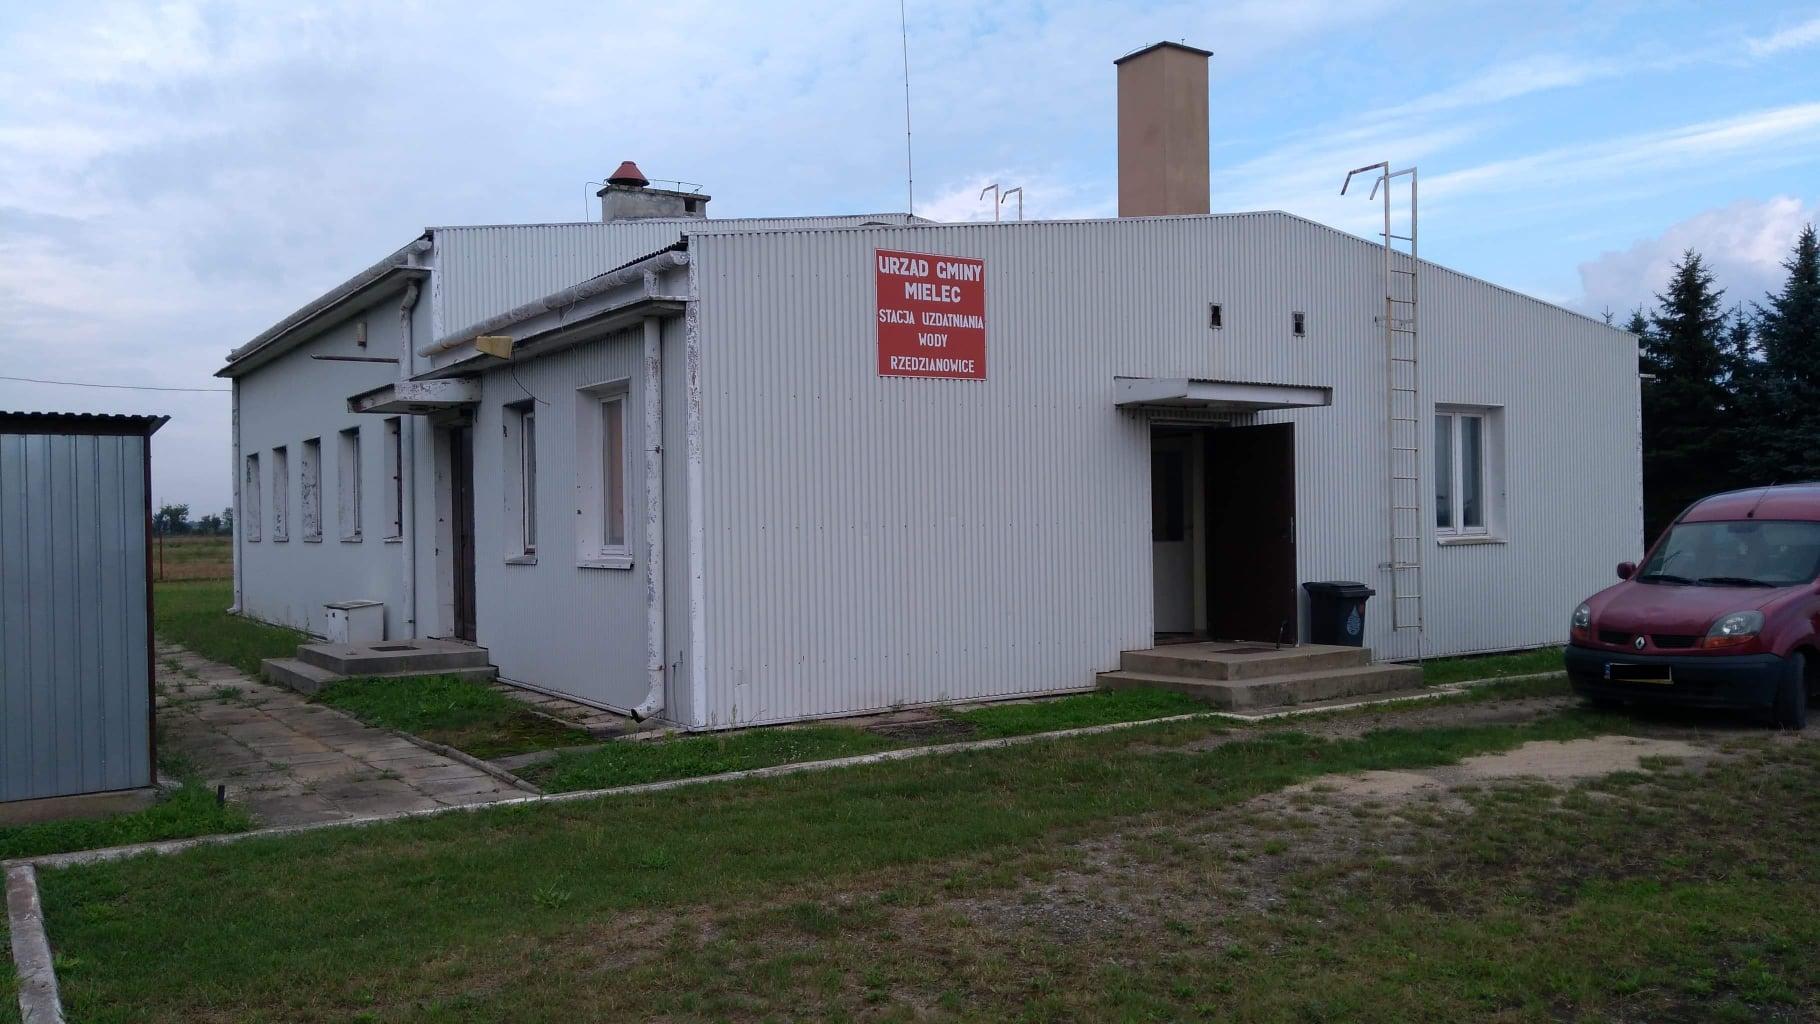 Stacja uzdatniania wody w Rzędzianowicach przejdzie modernizację - Zdjęcie główne